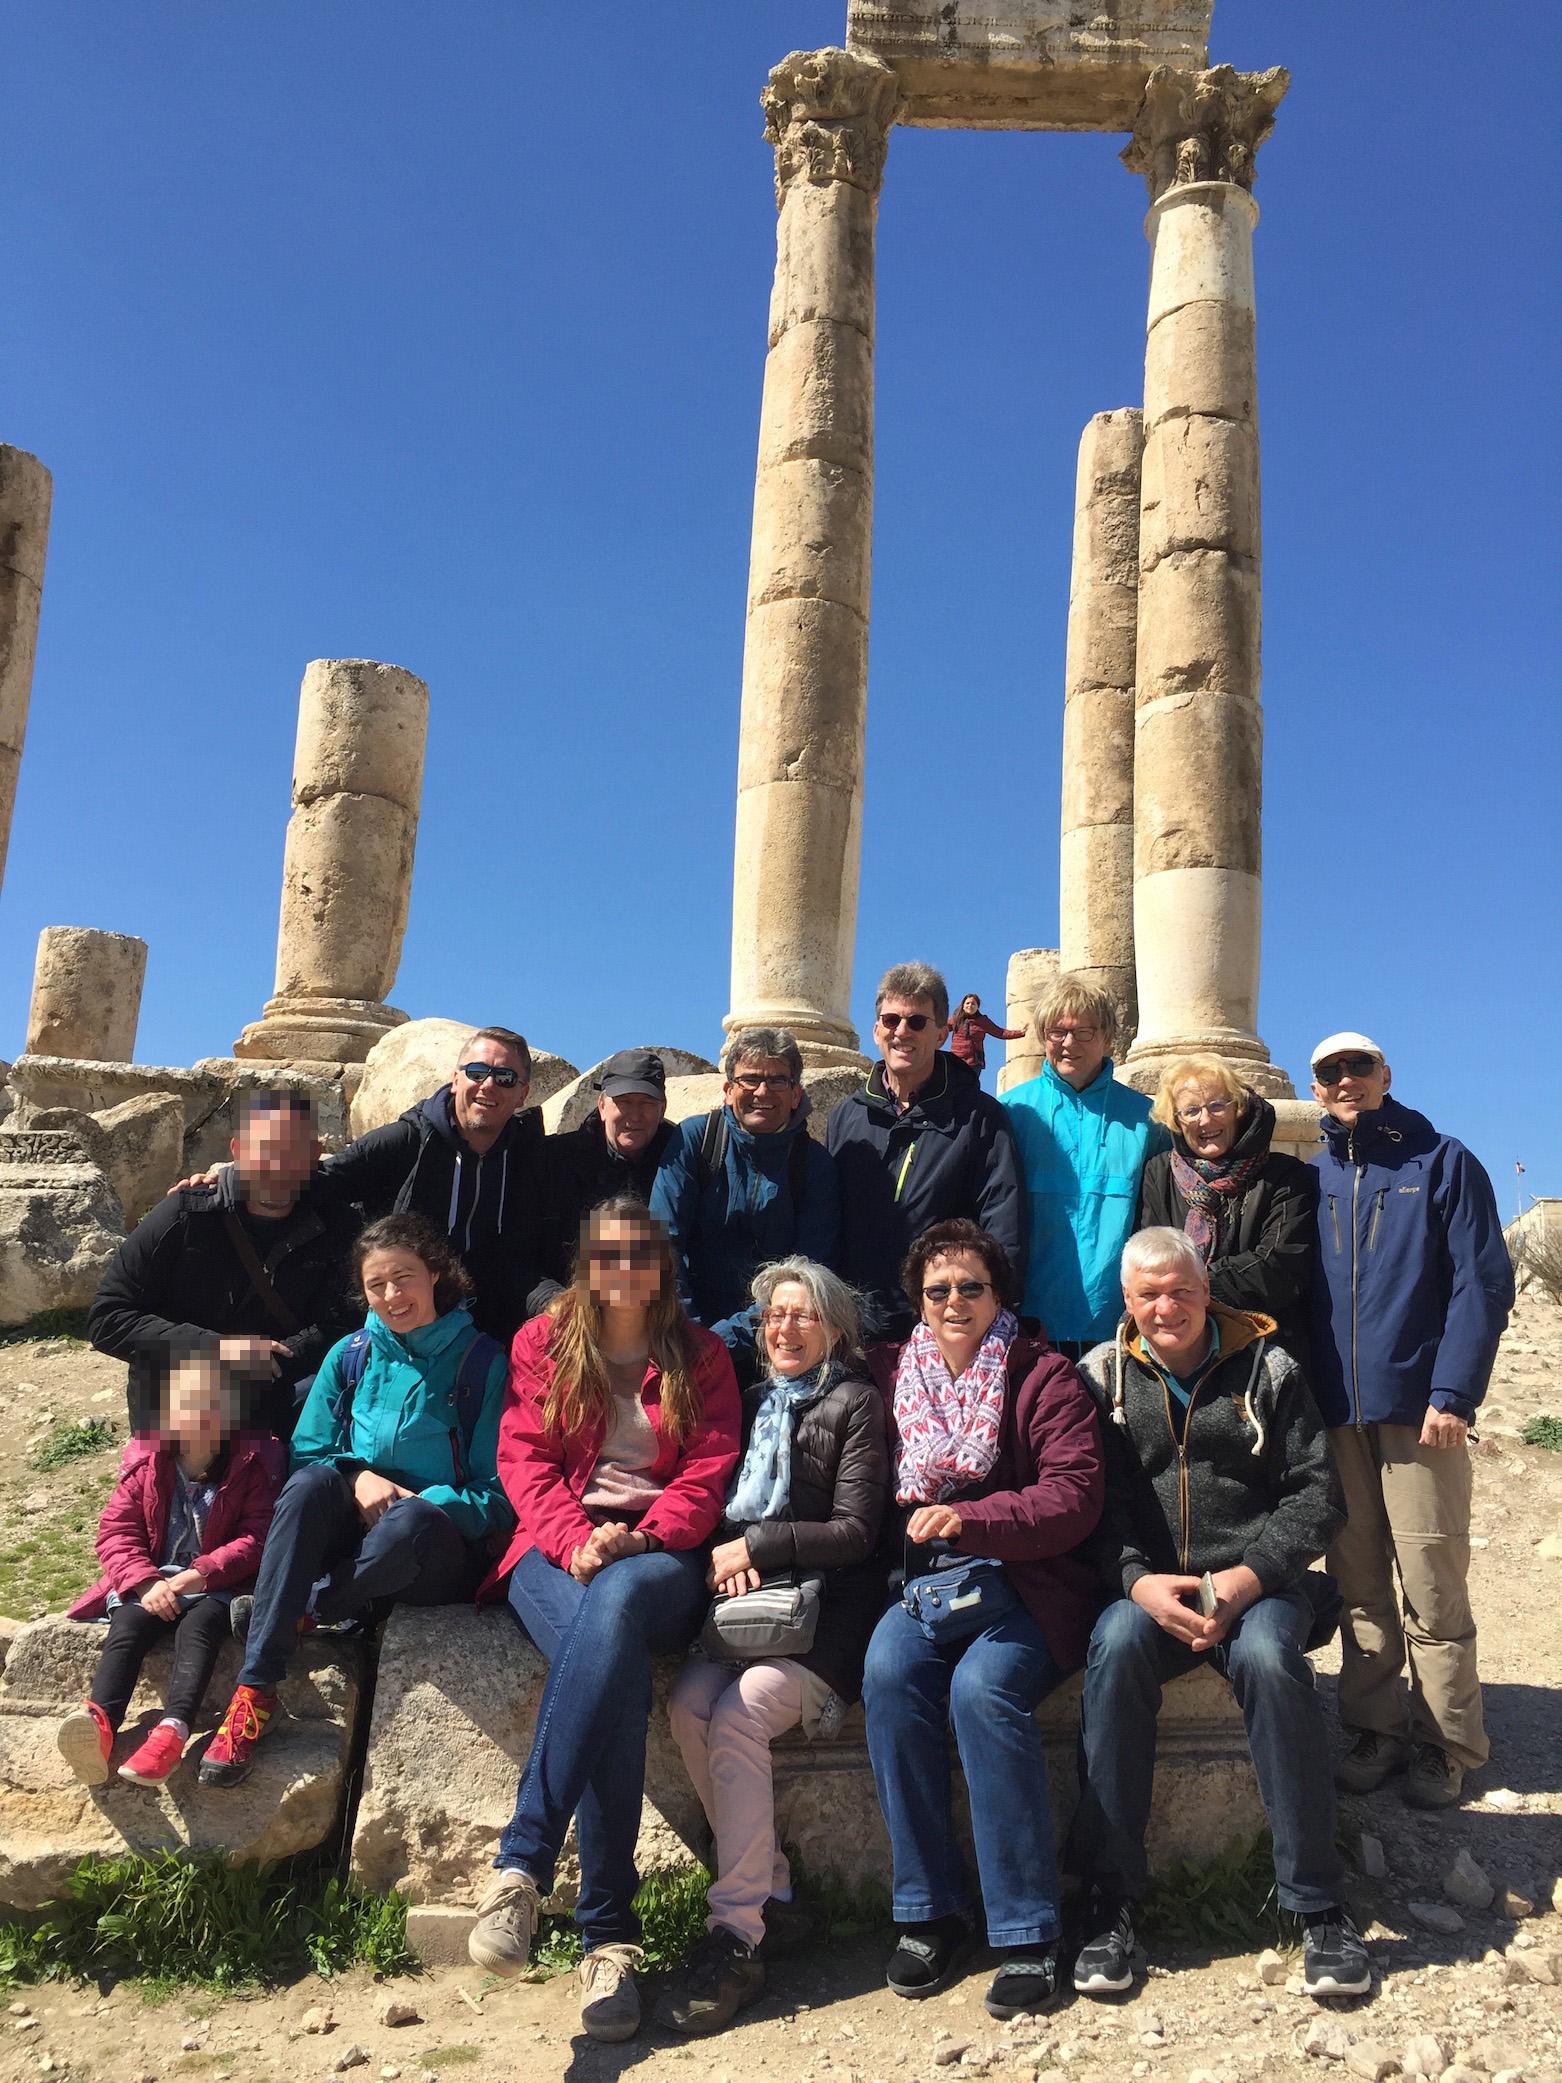 Teilnehmer der OM-Reise bein Besuch von Sehenswürdigkeiten in der Wüste